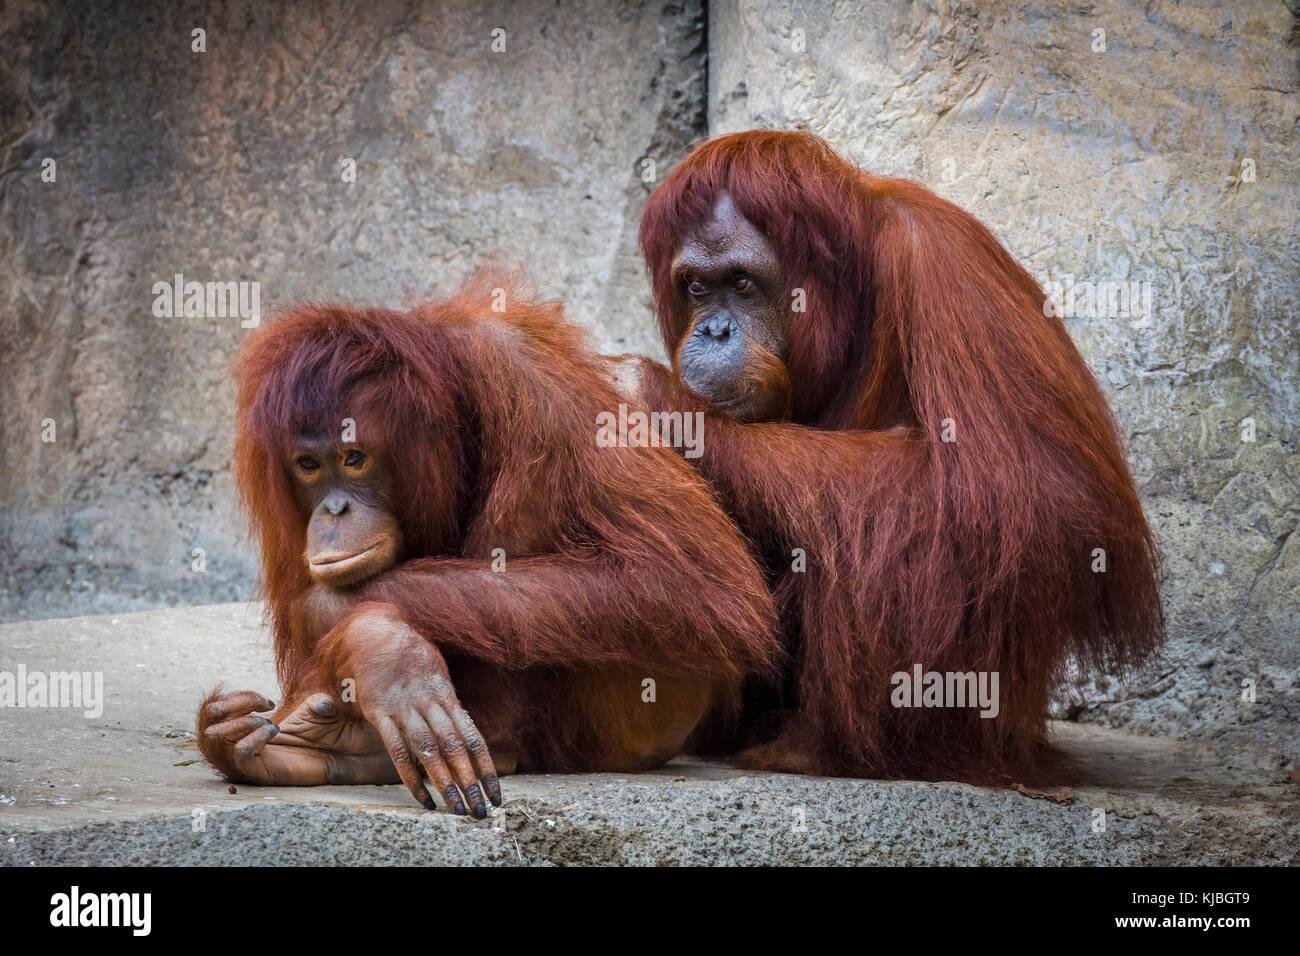 D'orangs-outans de Bornéo au Lowry Park Zoo à Tampa Florida united states Photo Stock